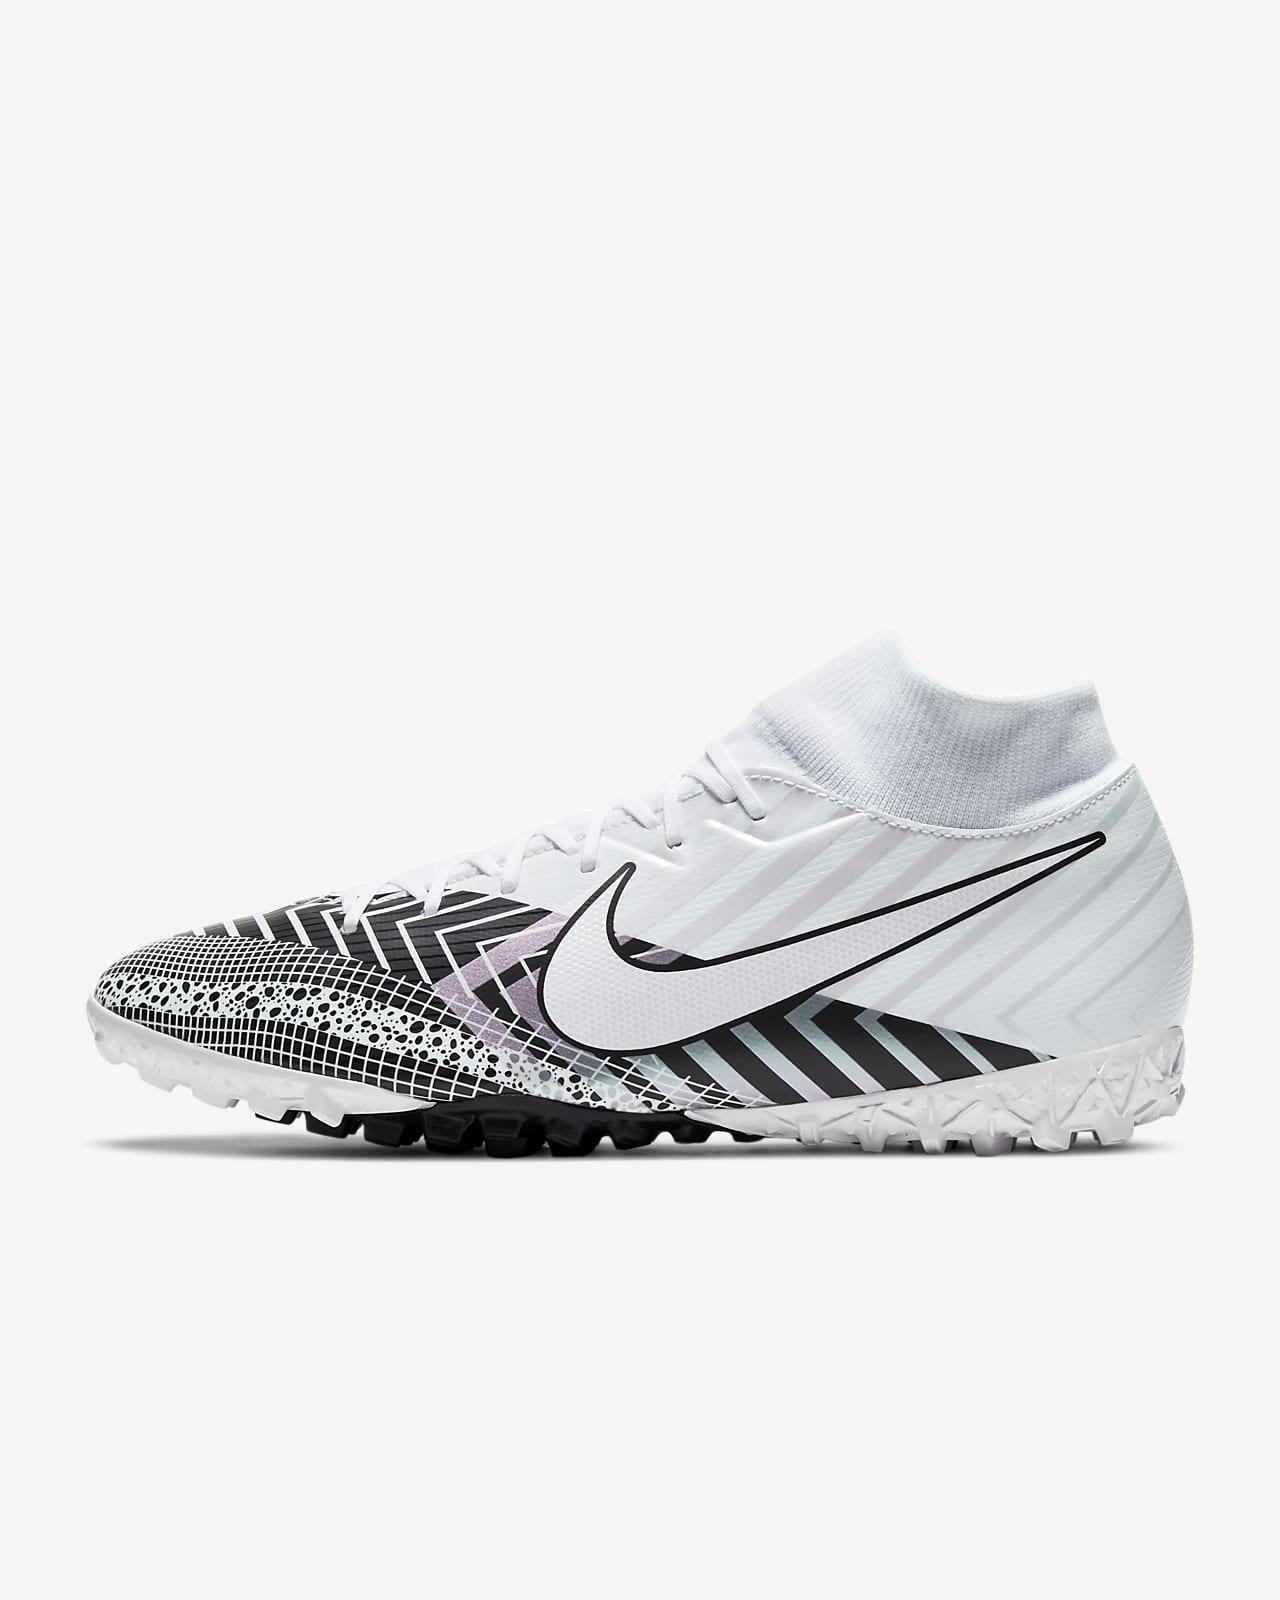 รองเท้าฟุตบอลสำหรับพื้นหญ้าเทียม Nike Mercurial Superfly 7 Academy MDS TF